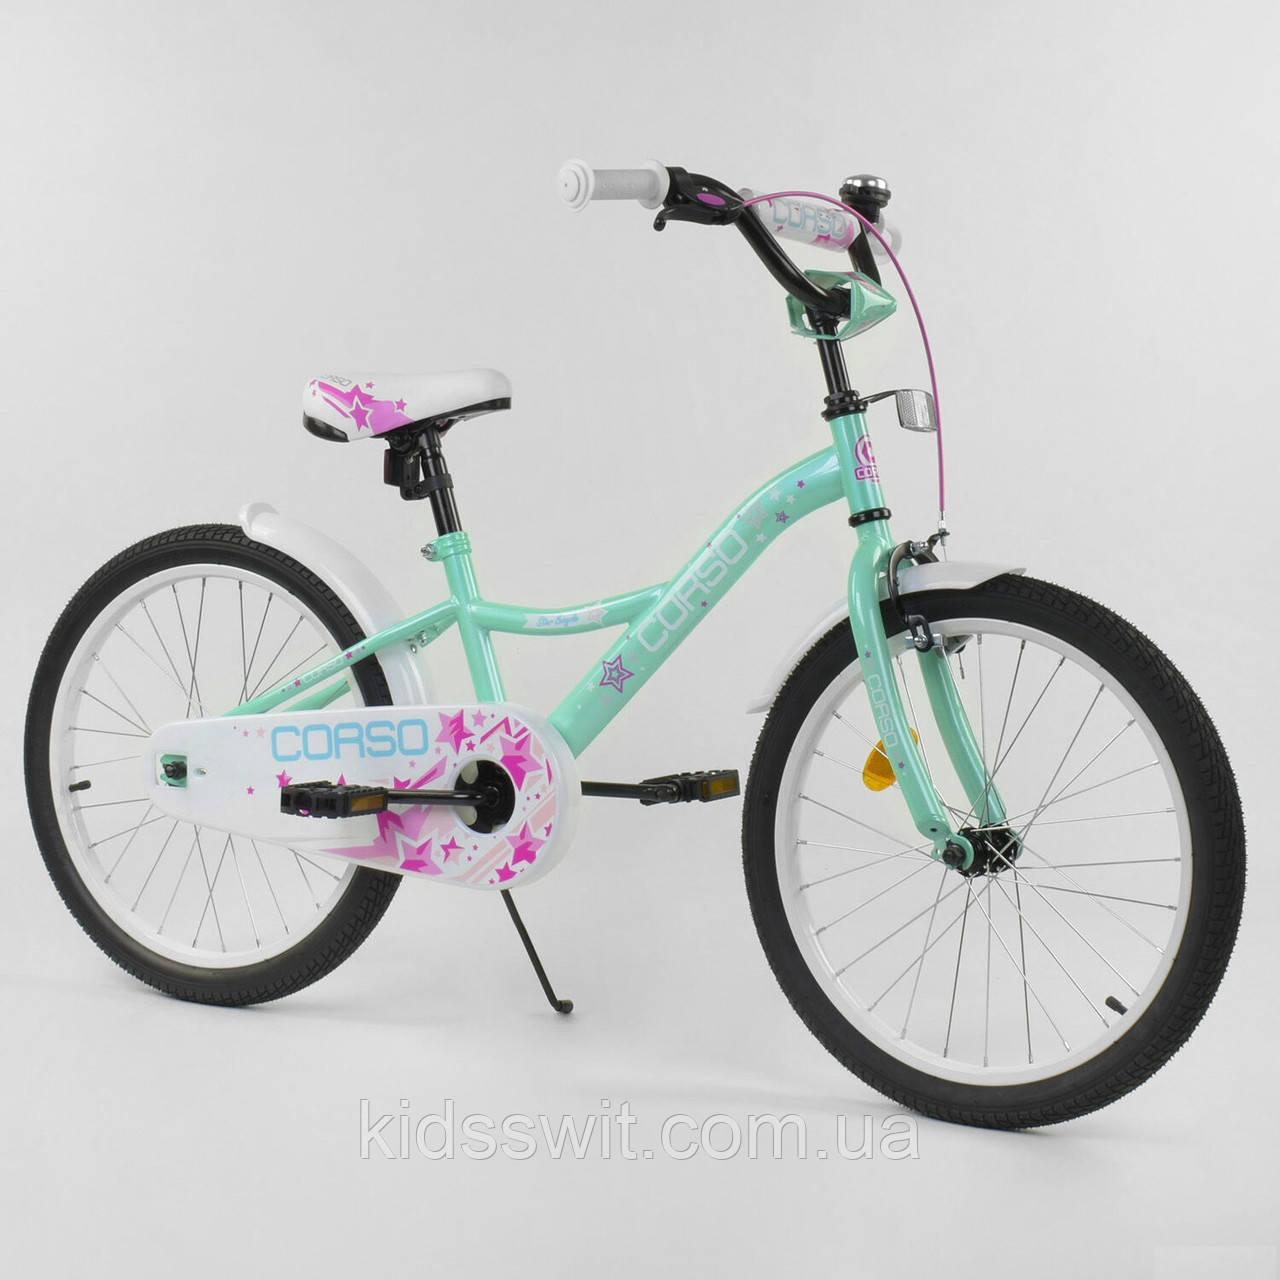 """Велосипед 20"""" дюймов 2-х колёсный """"CORSO"""" бирюзовый, ручной тормоз, звоночек, собранный на 75% S-20281"""